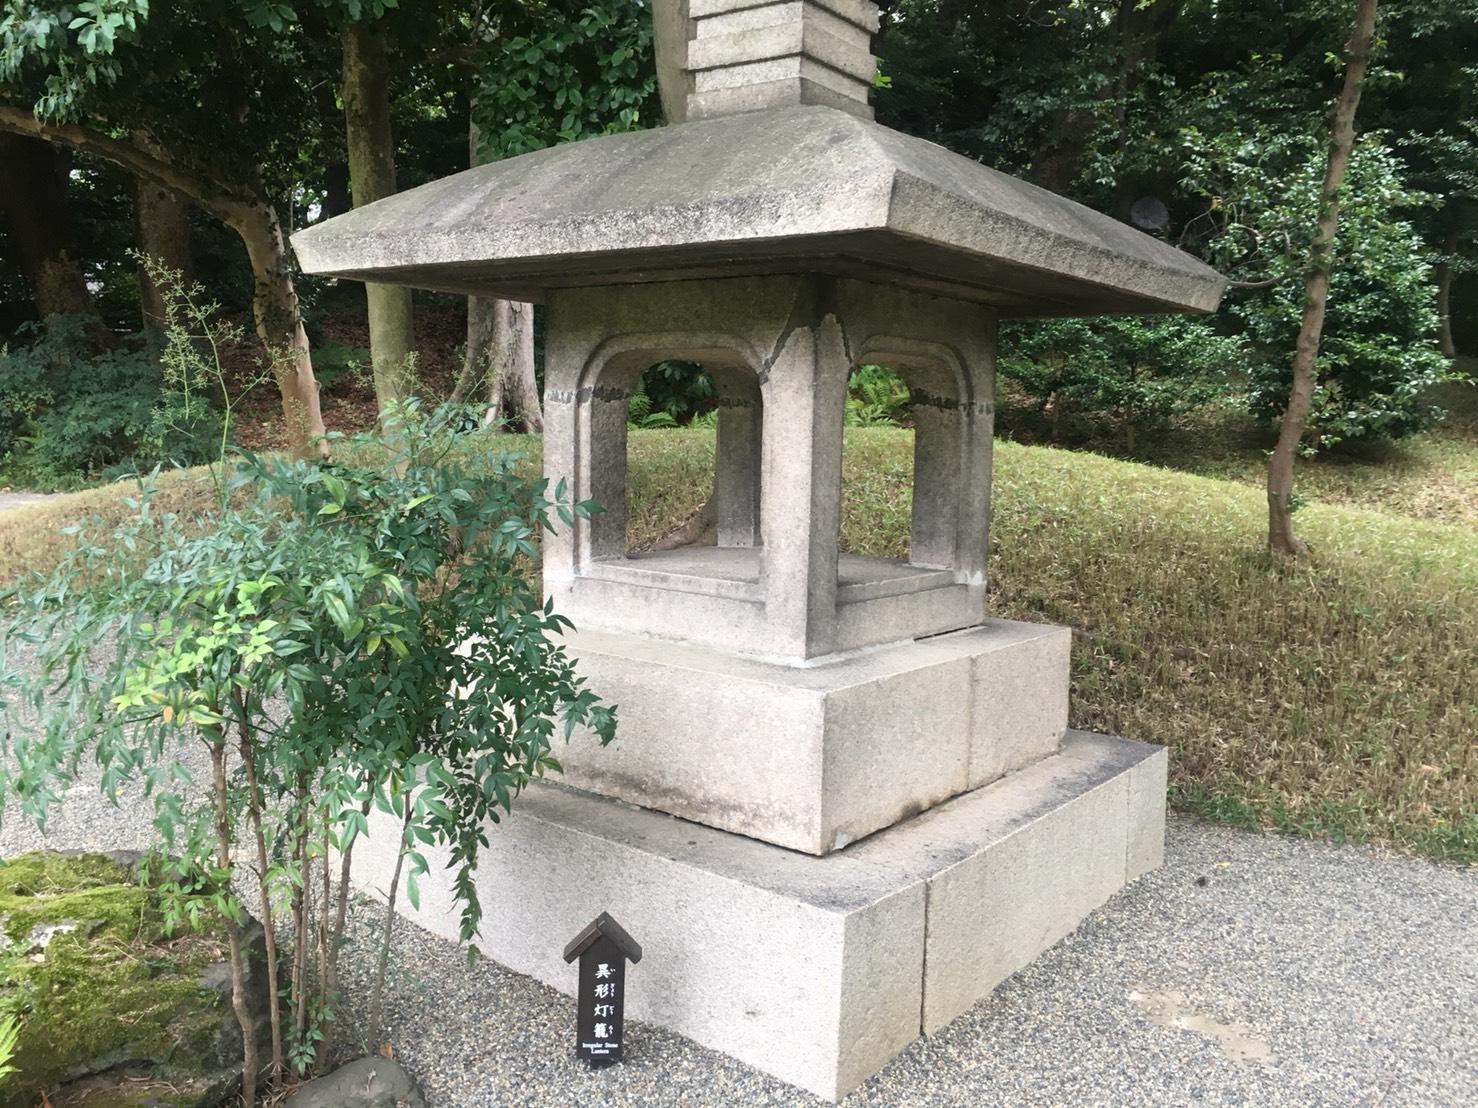 【飯田橋駅】江戸時代の中国趣味豊かな景観で一句「小石川後楽園」の庭園8